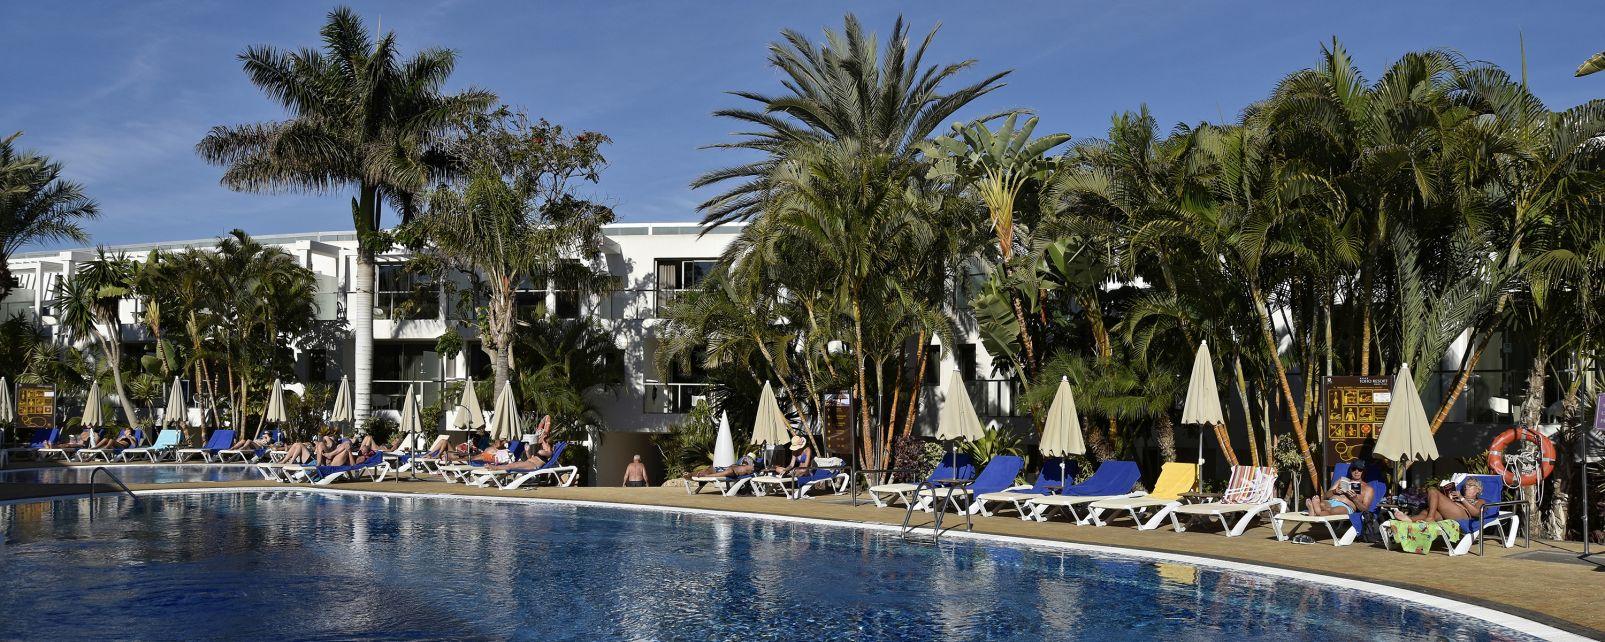 Hotel club r2 bahia playa tarajalejo spanien for Designhotel fuerteventura